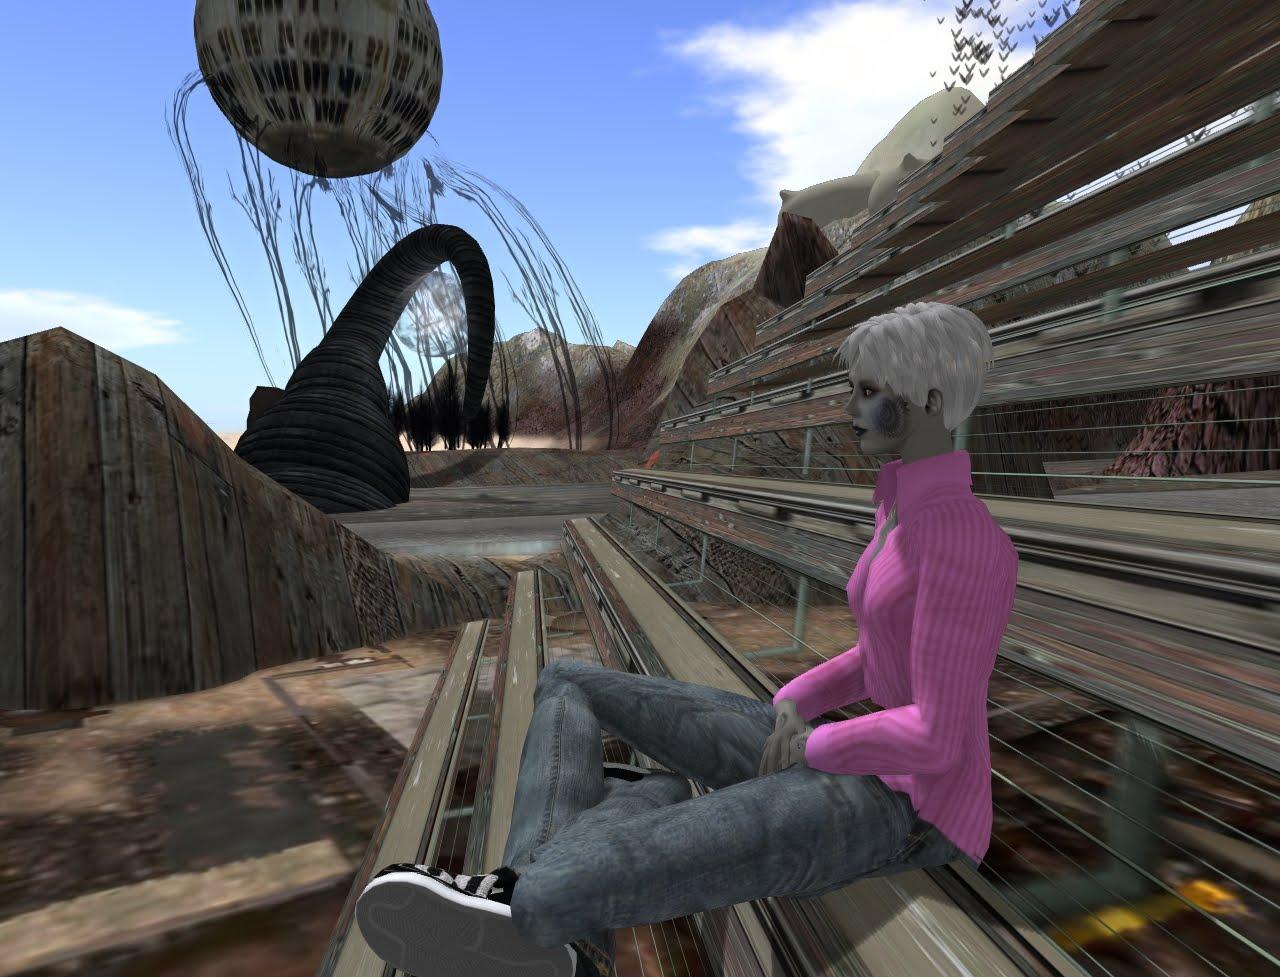 http://4.bp.blogspot.com/-UcTEy5YD37s/TWUdrD-4hMI/AAAAAAAADpQ/WNcRj-IvGyA/s1600/Pink%2BShirt%2BDay.jpg